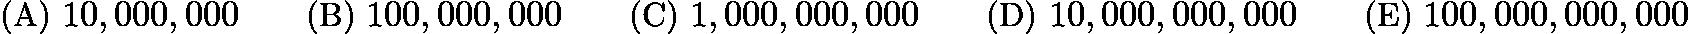 $\text{(A)}\ 10,000,000 \qquad \text{(B)}\ 100,000,000 \qquad \text{(C)}\ 1,000,000,000 \qquad \text{(D)}\ 10,000,000,000 \qquad \text{(E)}\ 100,000,000,000$